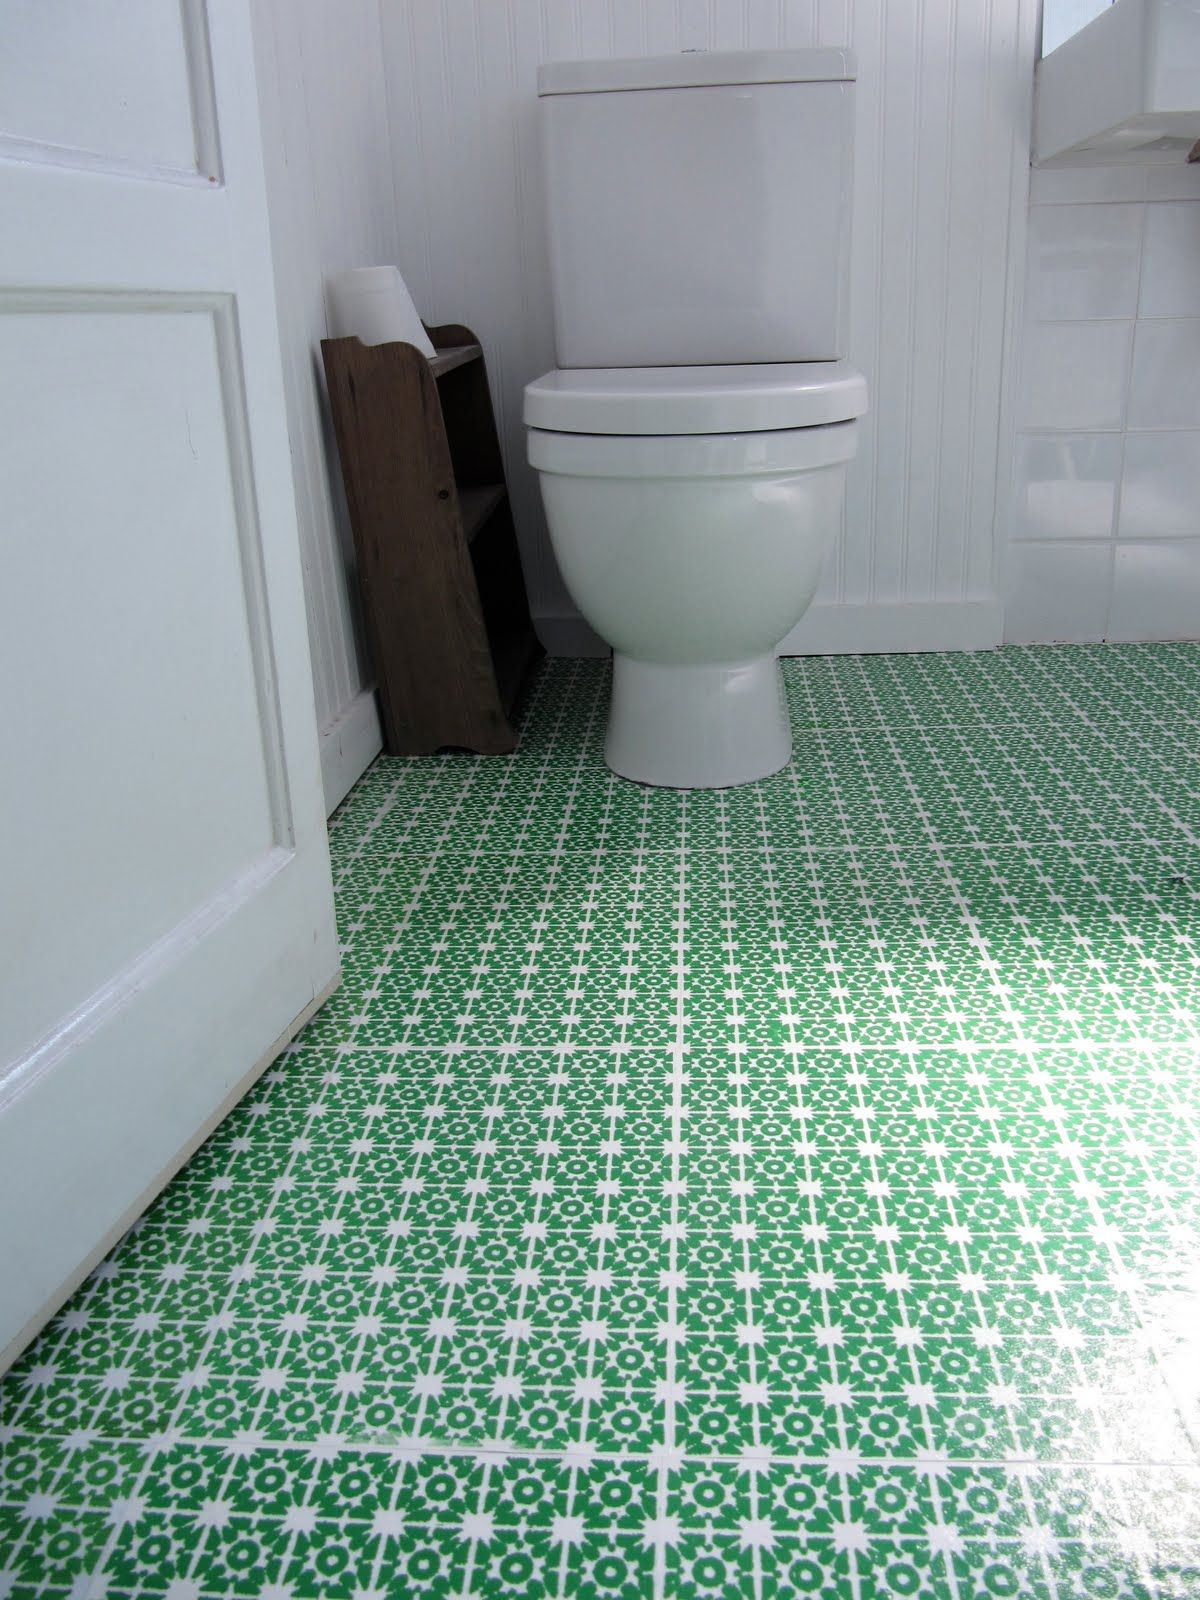 Mln Bathroom Tile Ideas for The Homecozy